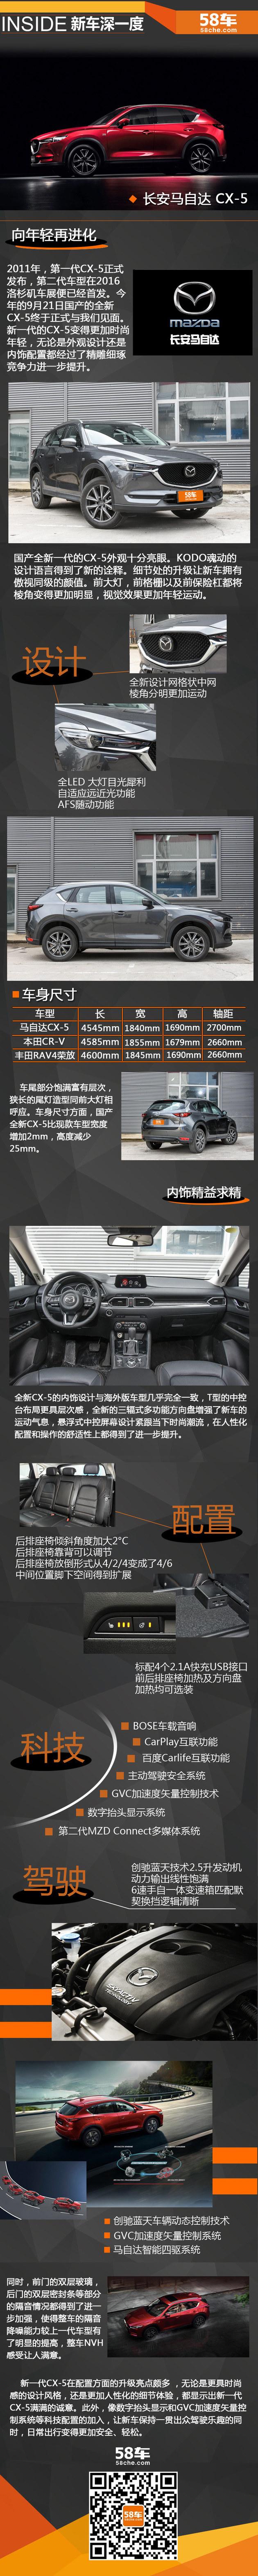 长安马自达全新CX-5 新车深一度解析